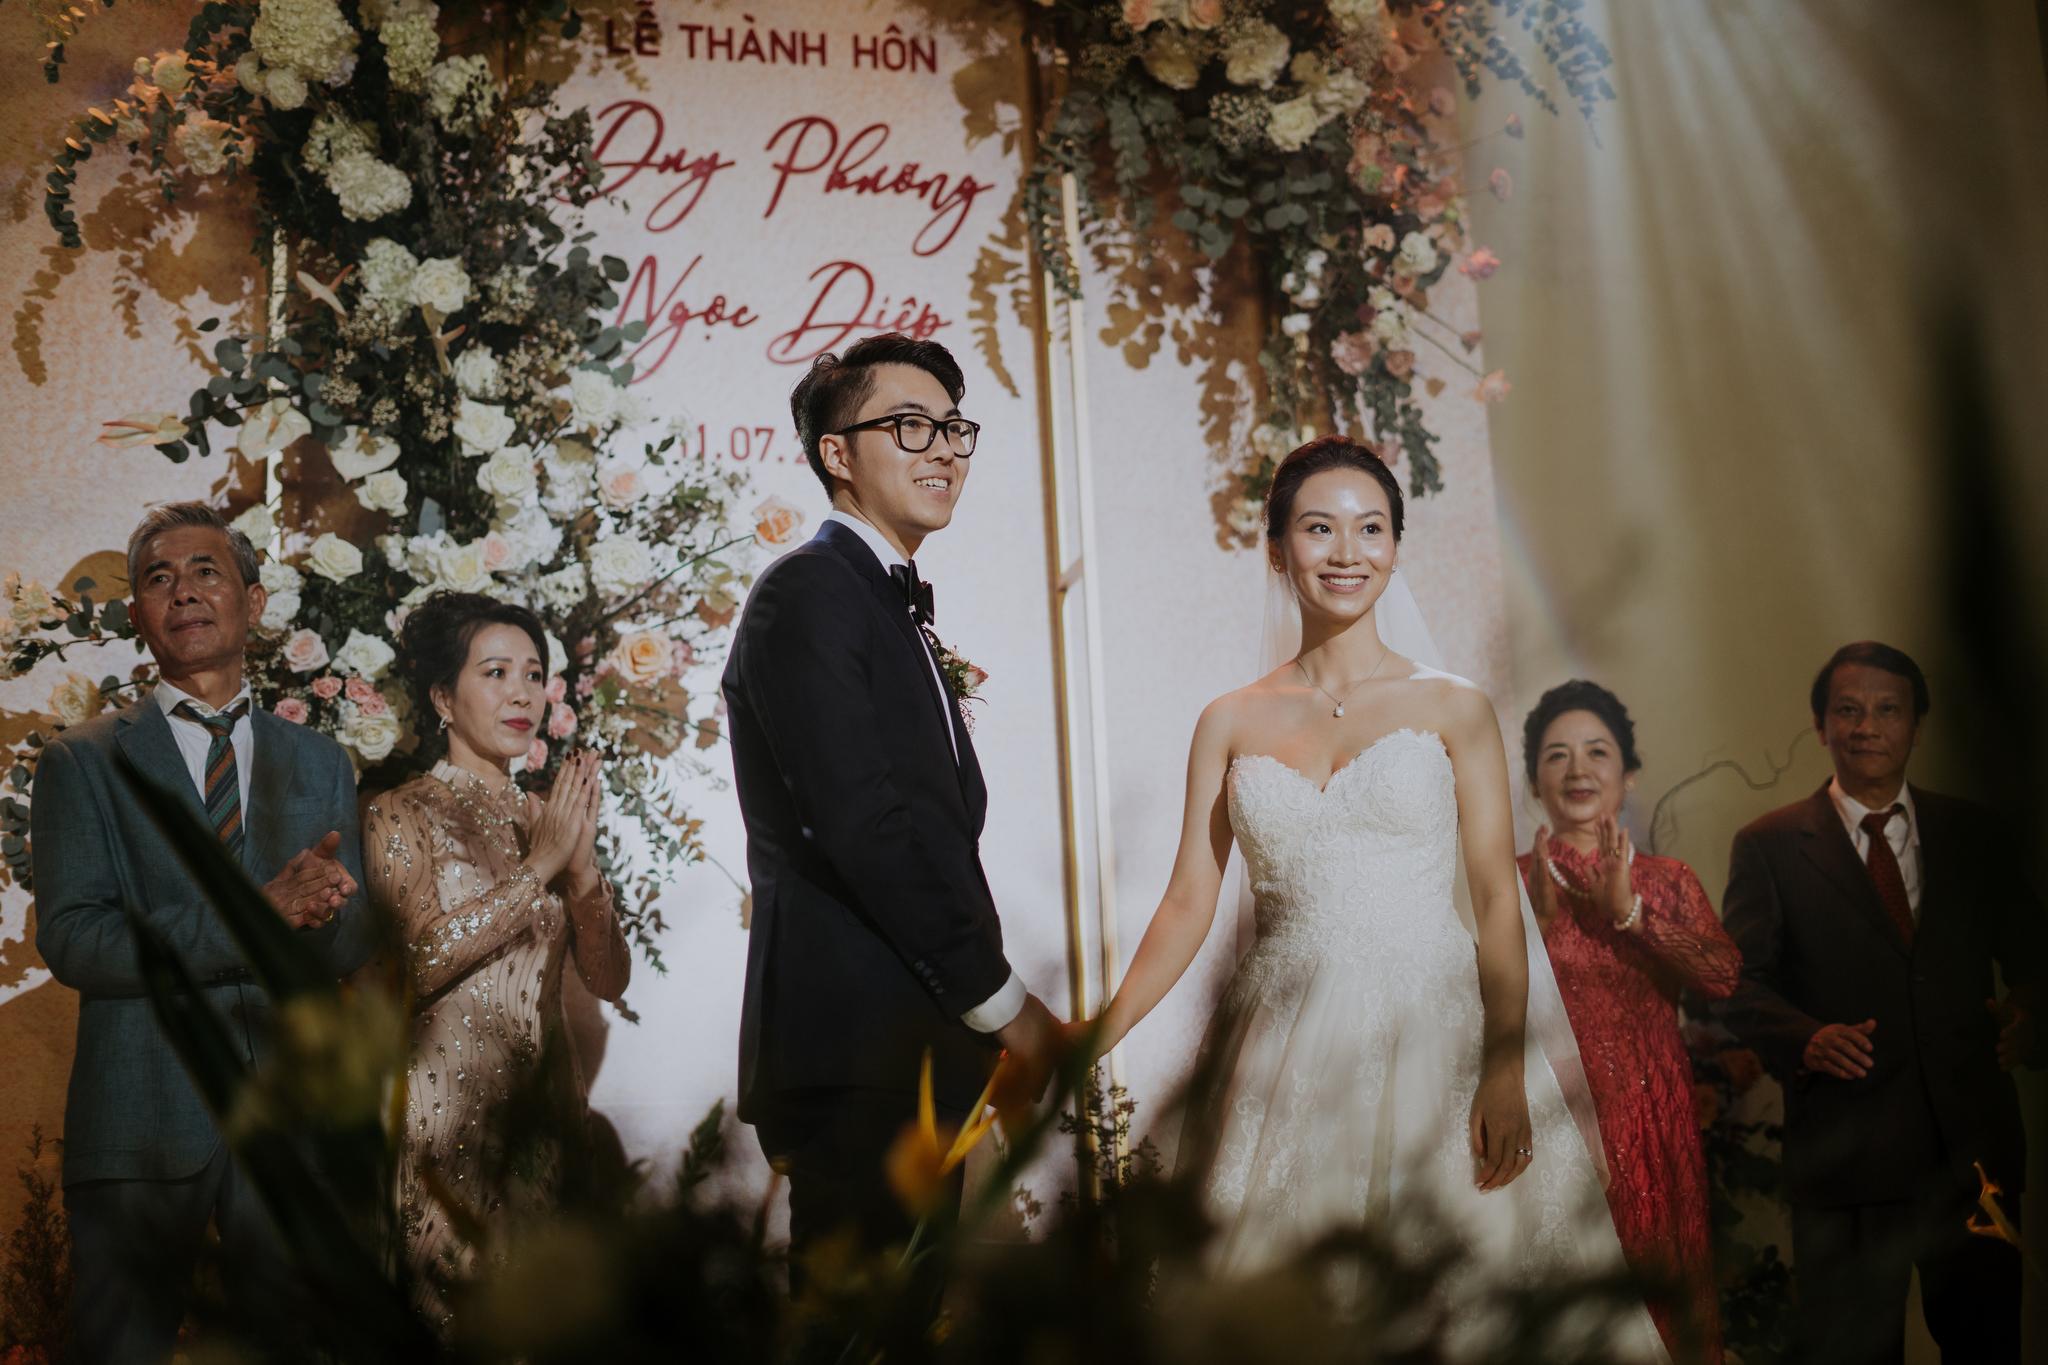 https://huk.s3.amazonaws.com/uploads/image/source/1447/Phuong-Diep-HN-Ceremony-2-0187.JPG